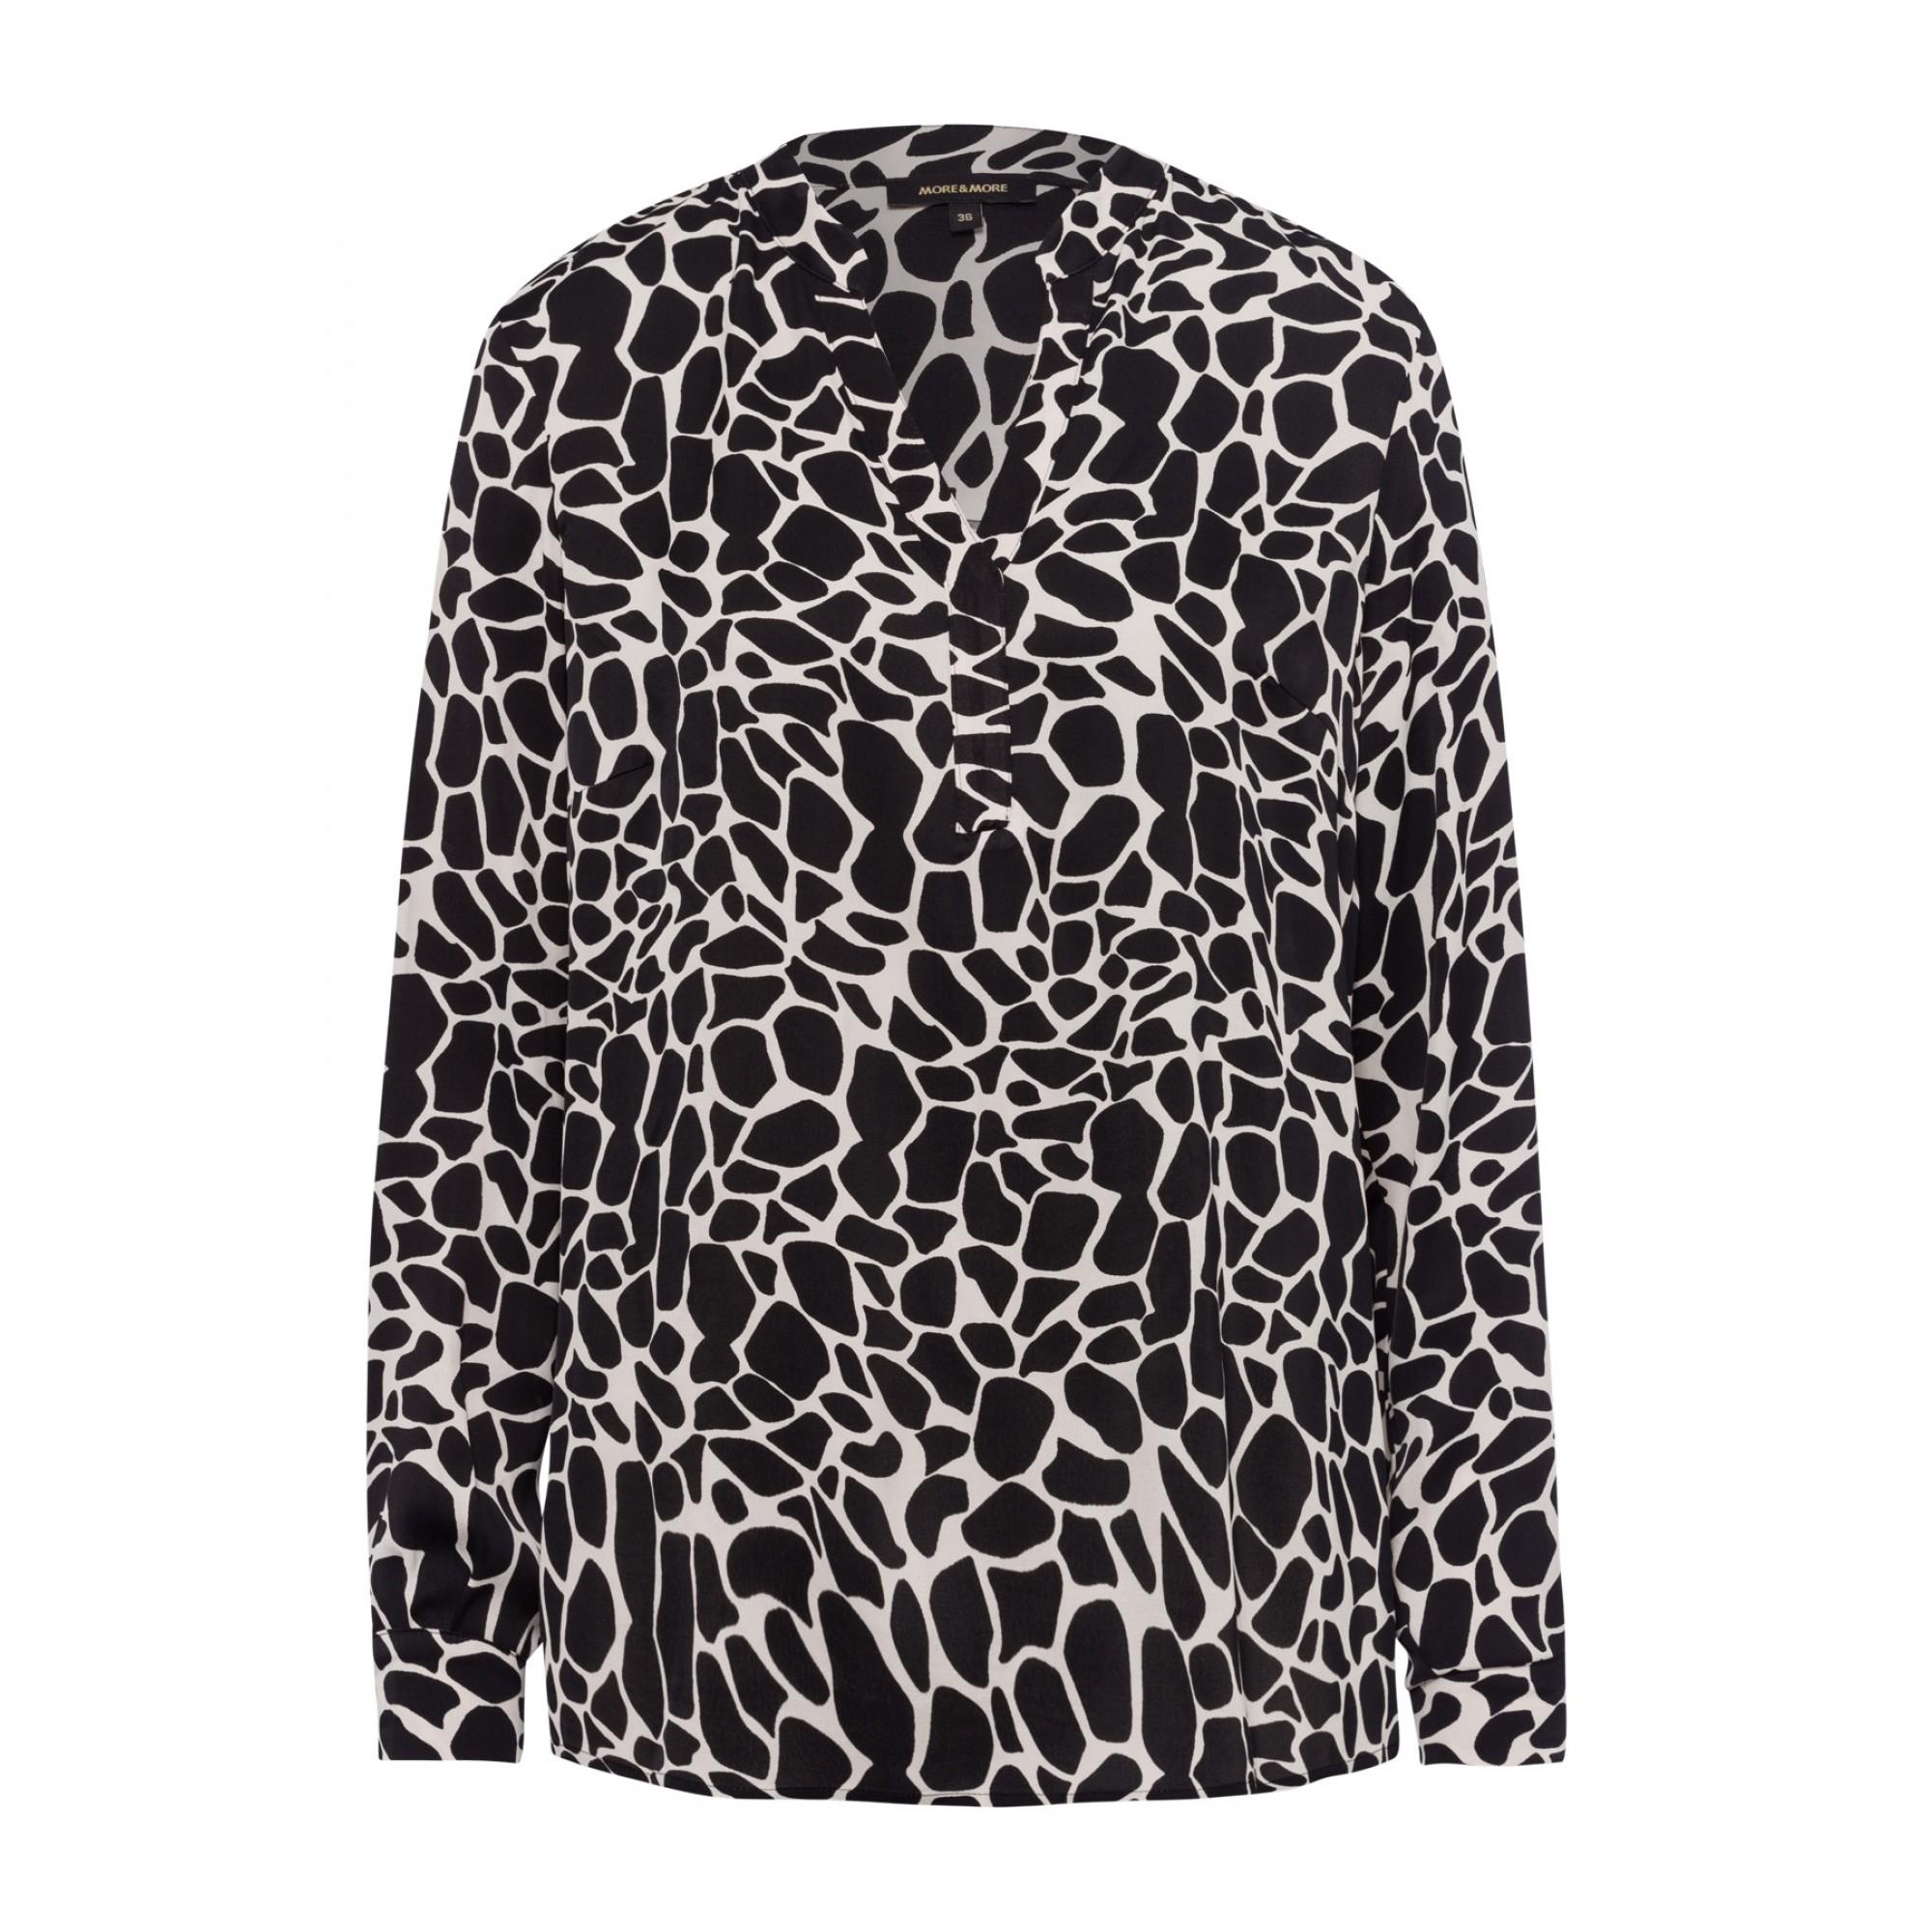 More & More Satinbluse mit Giraffenmuster schwarz